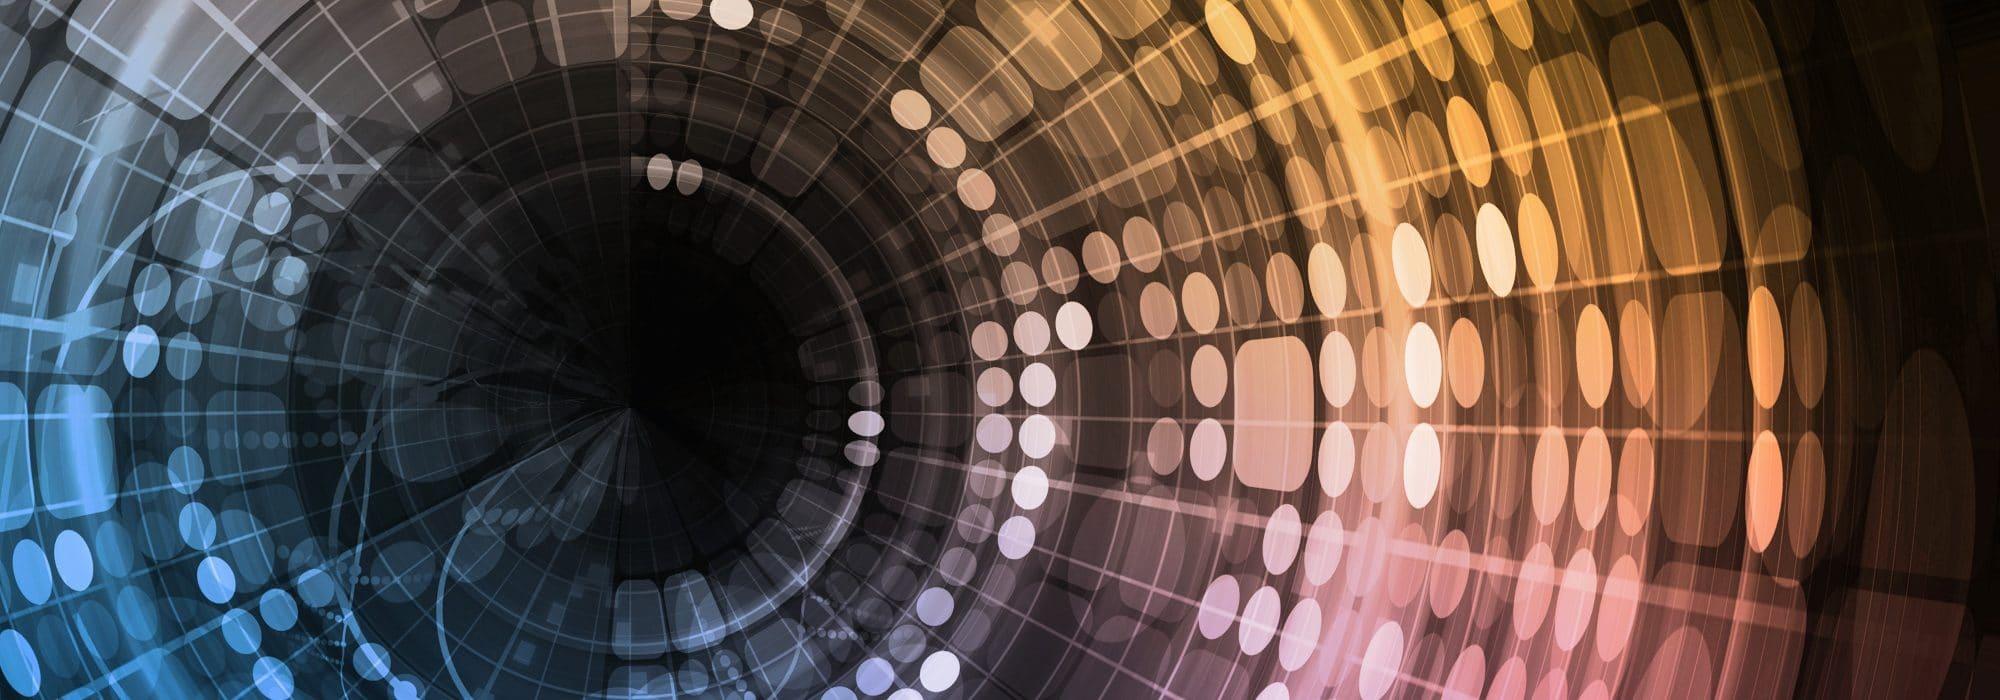 Visuel graphique, circulaire et dégradé de couleur pour représenter le cabinet IXIS